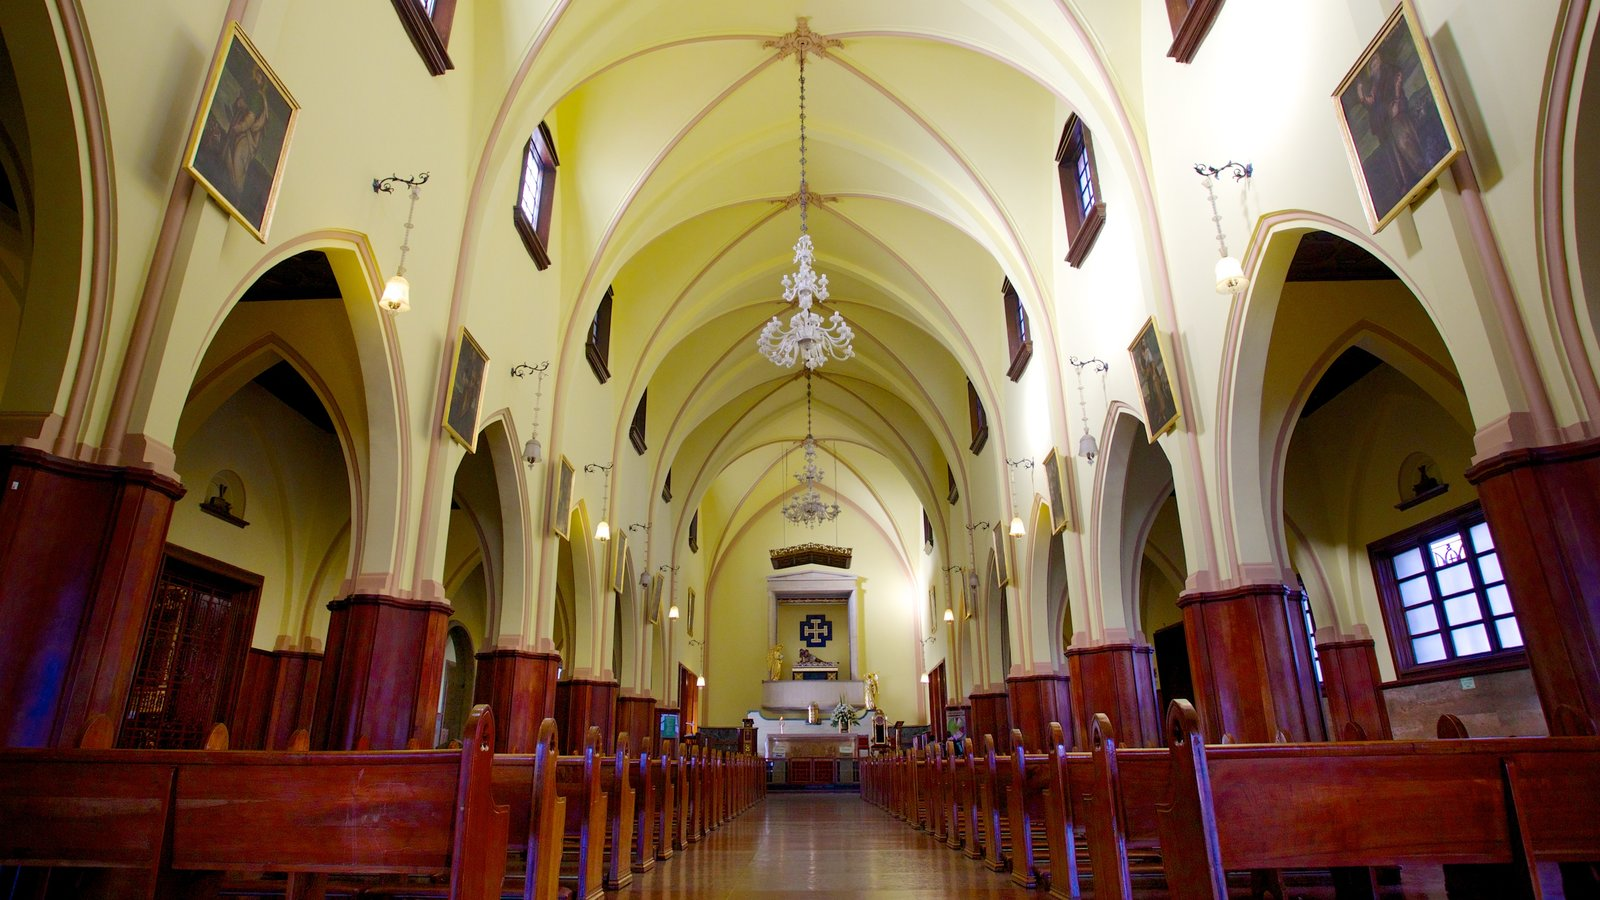 Monserrate caracterizando elementos religiosos, vistas internas e uma igreja ou catedral